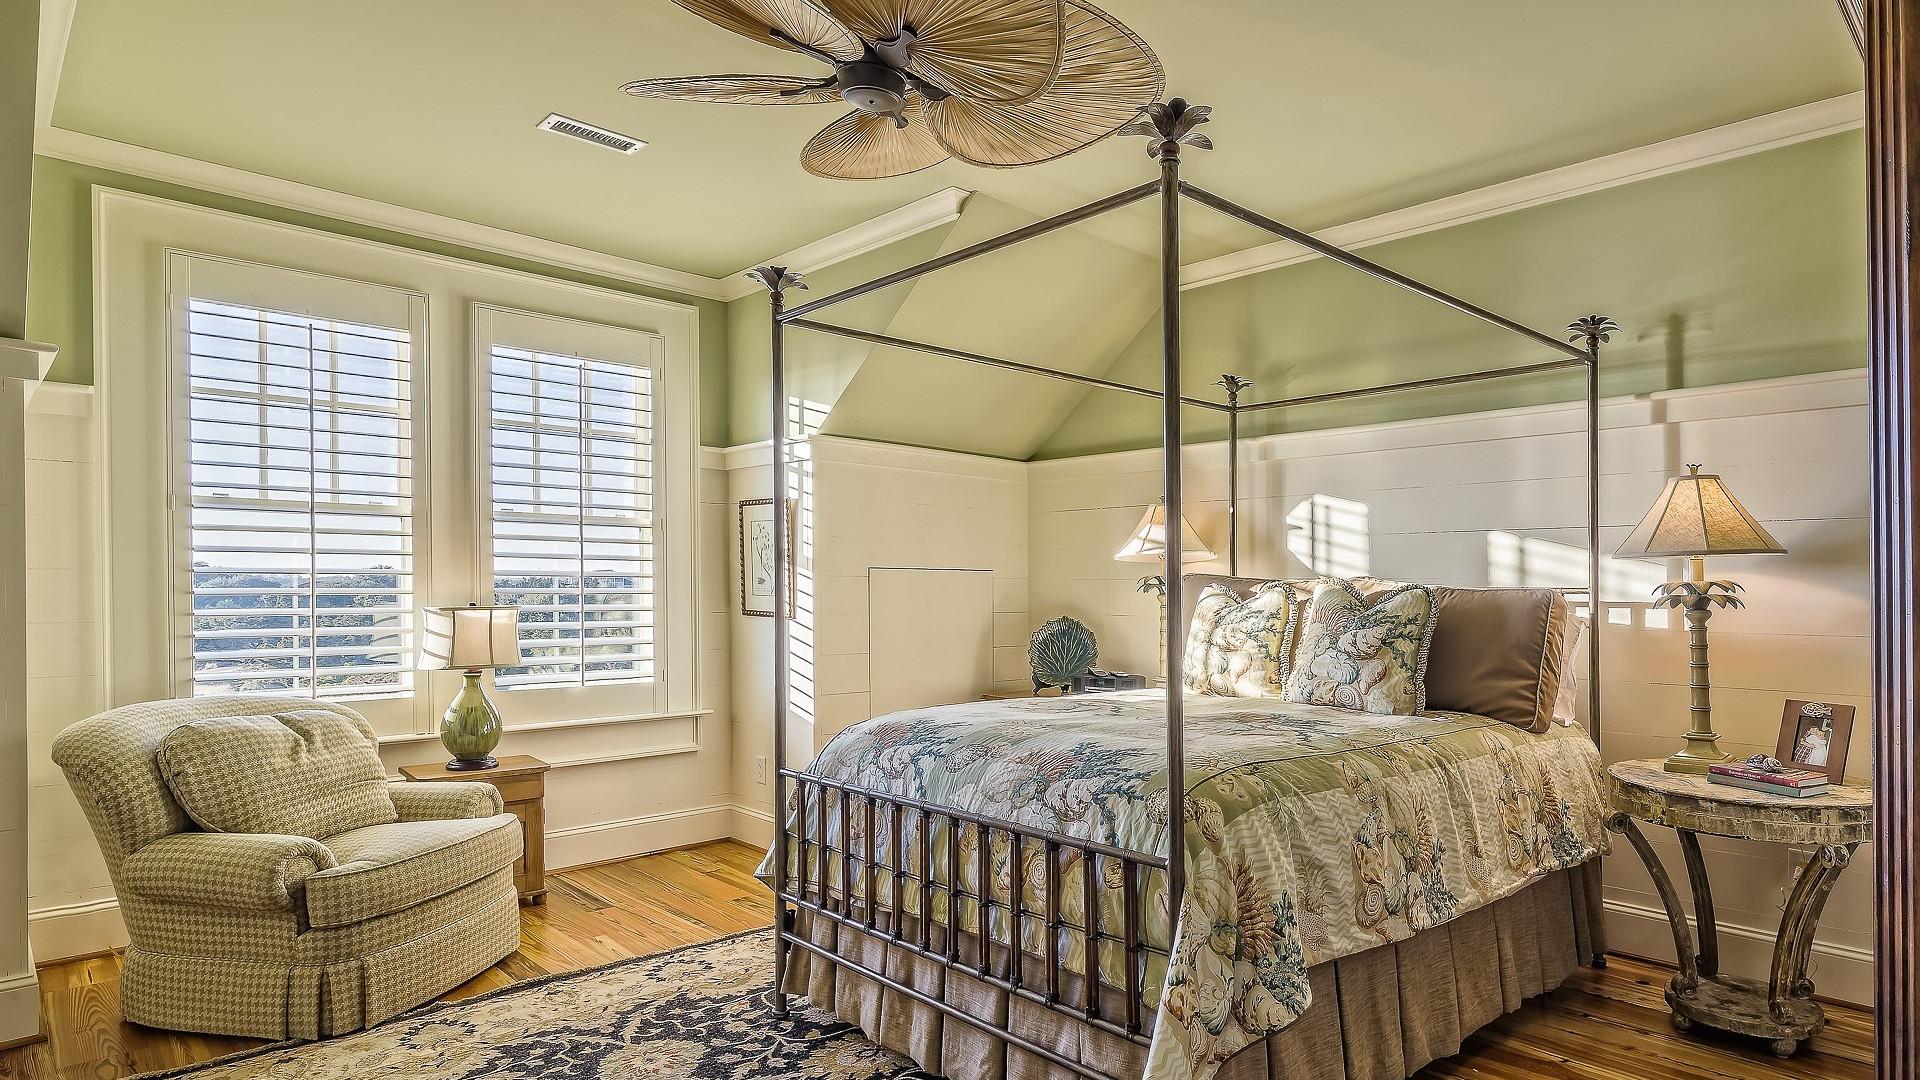 creer sa tete de lit cool comment fabriquer soimme une. Black Bedroom Furniture Sets. Home Design Ideas